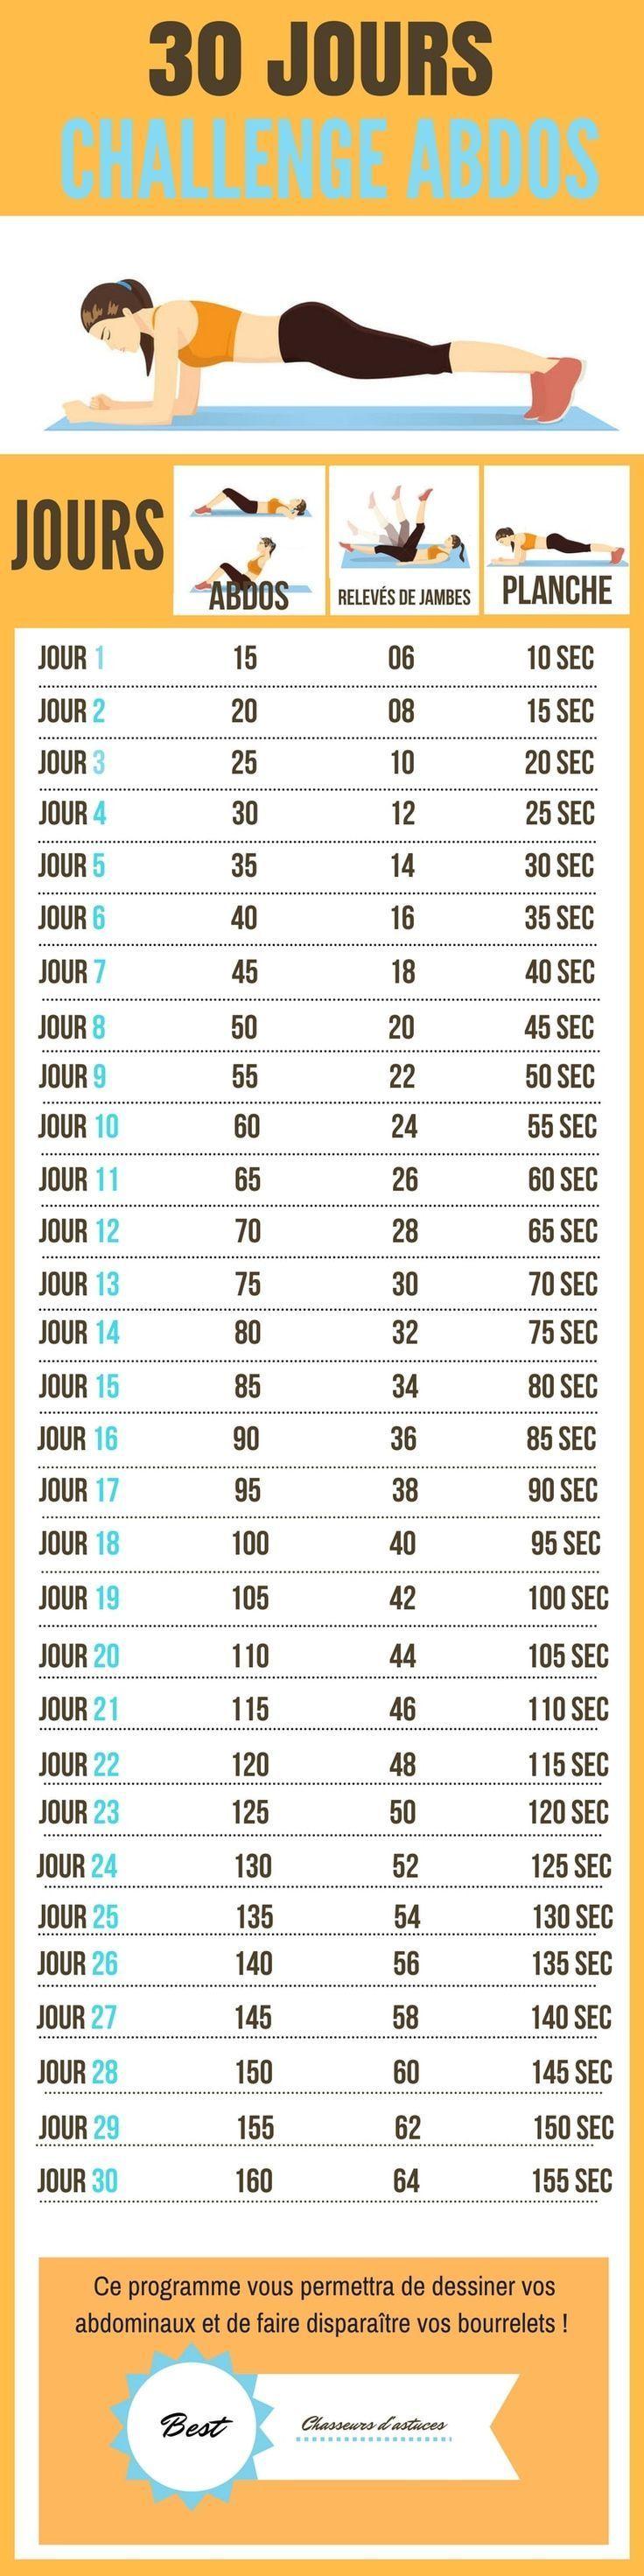 Challenge Abdominaux 30 Jours Les Abdominaux Sont L Un Des Exercices Les Plu Abdominaux Challenge Des Exerci Challenge Abdos Exercice Exercice Sport Plan daction 30 60 90 jours